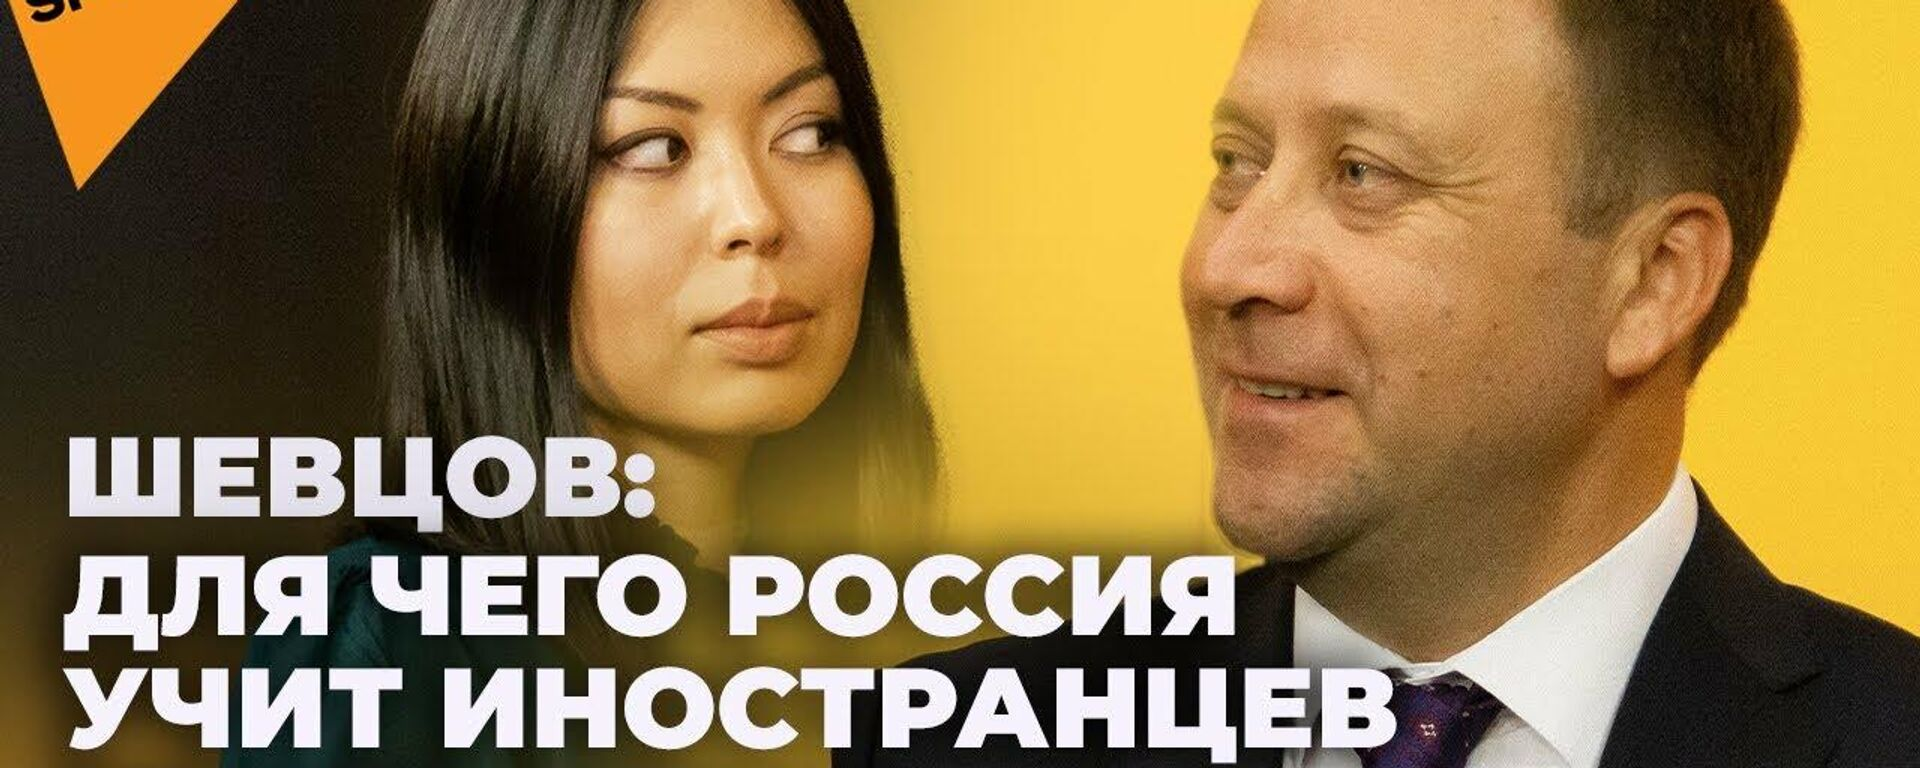 Почему Россия увеличивает образовательные квоты для СНГ?  - Sputnik Узбекистан, 1920, 01.09.2021